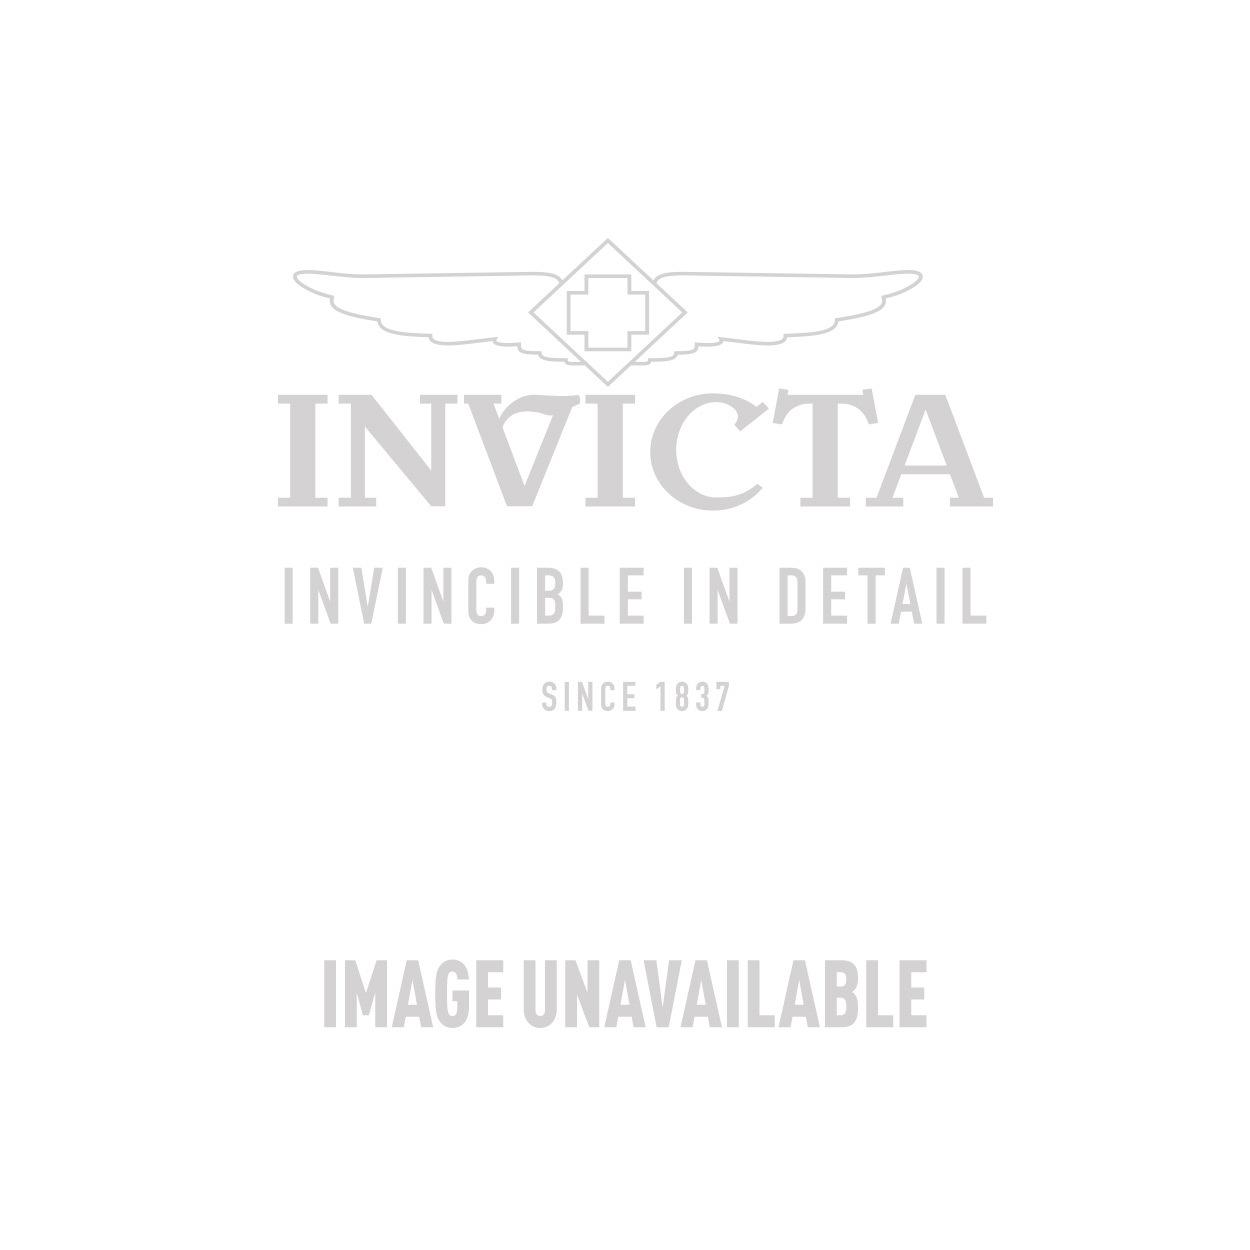 Invicta Model 25593